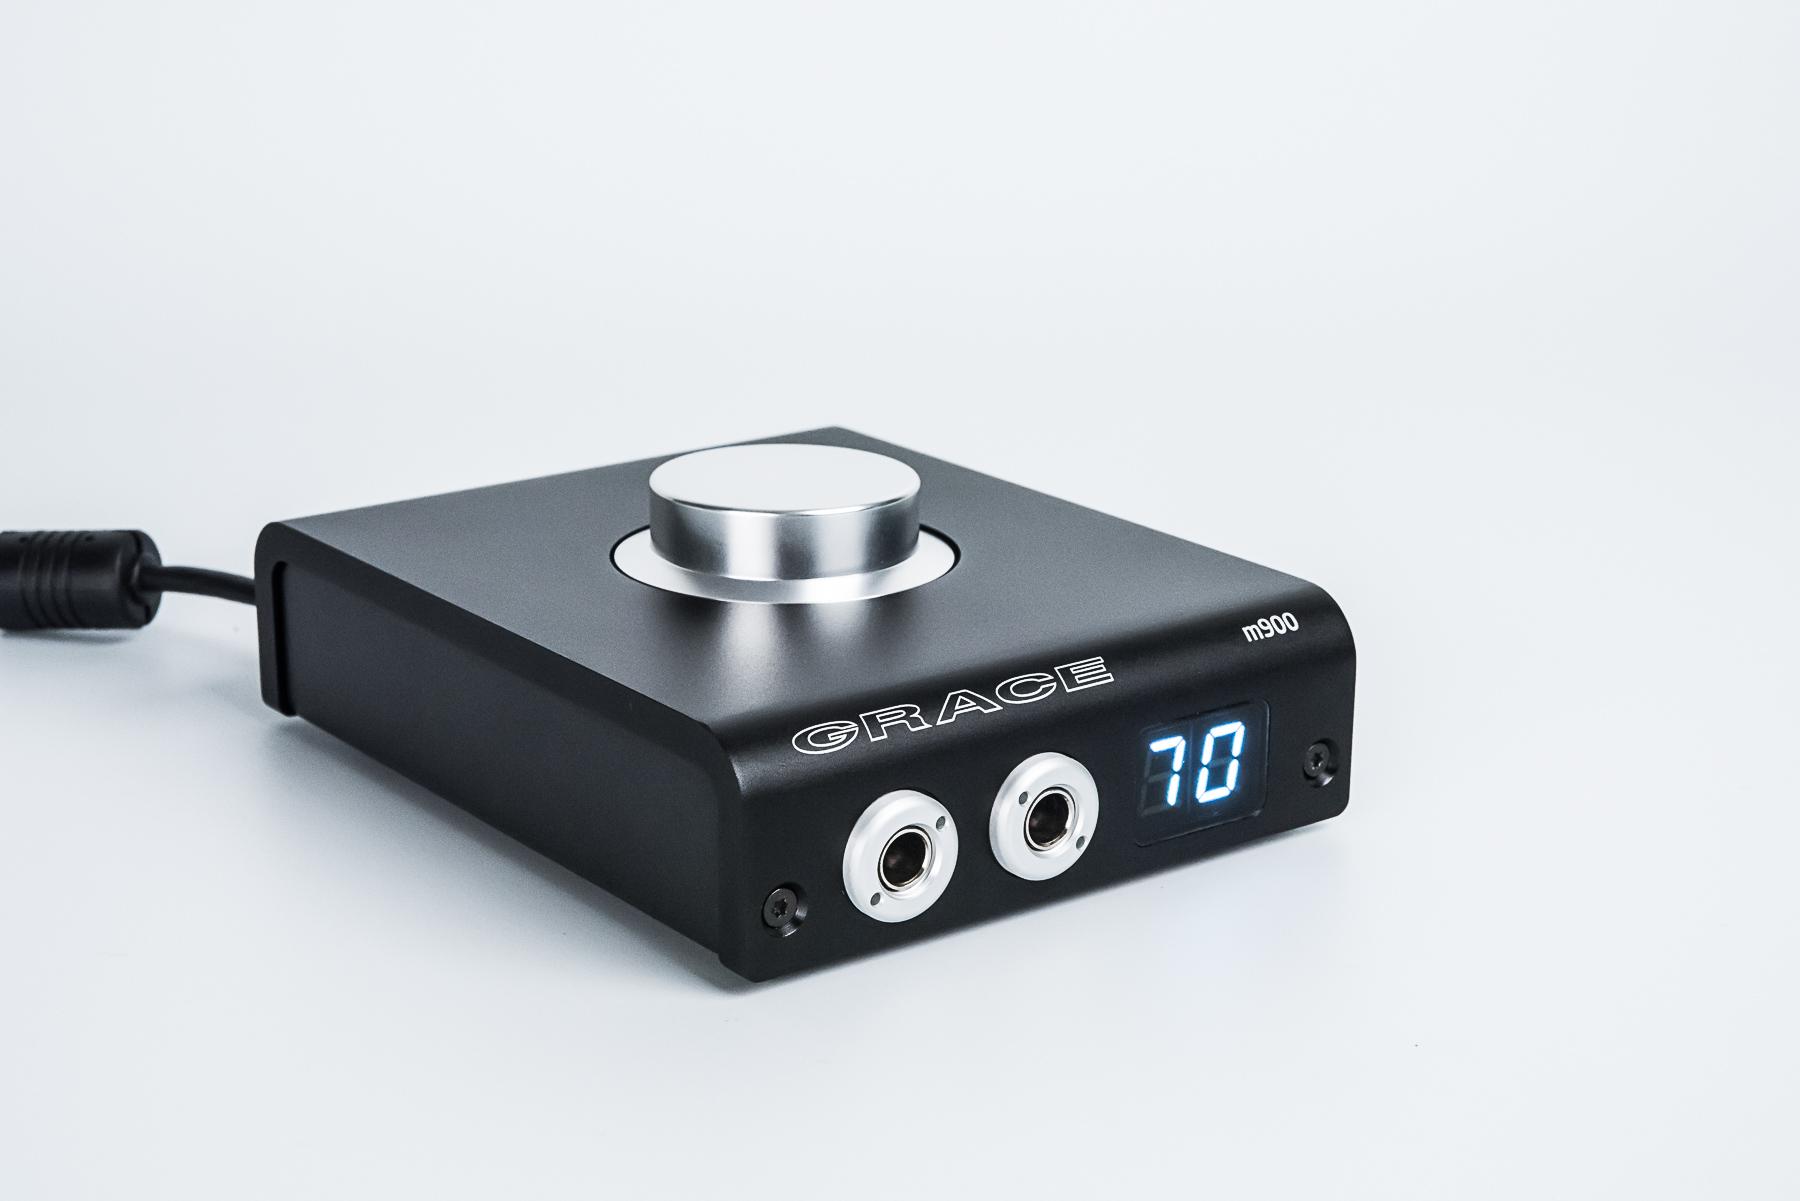 GRACE design m900 音質 レビュー 評価